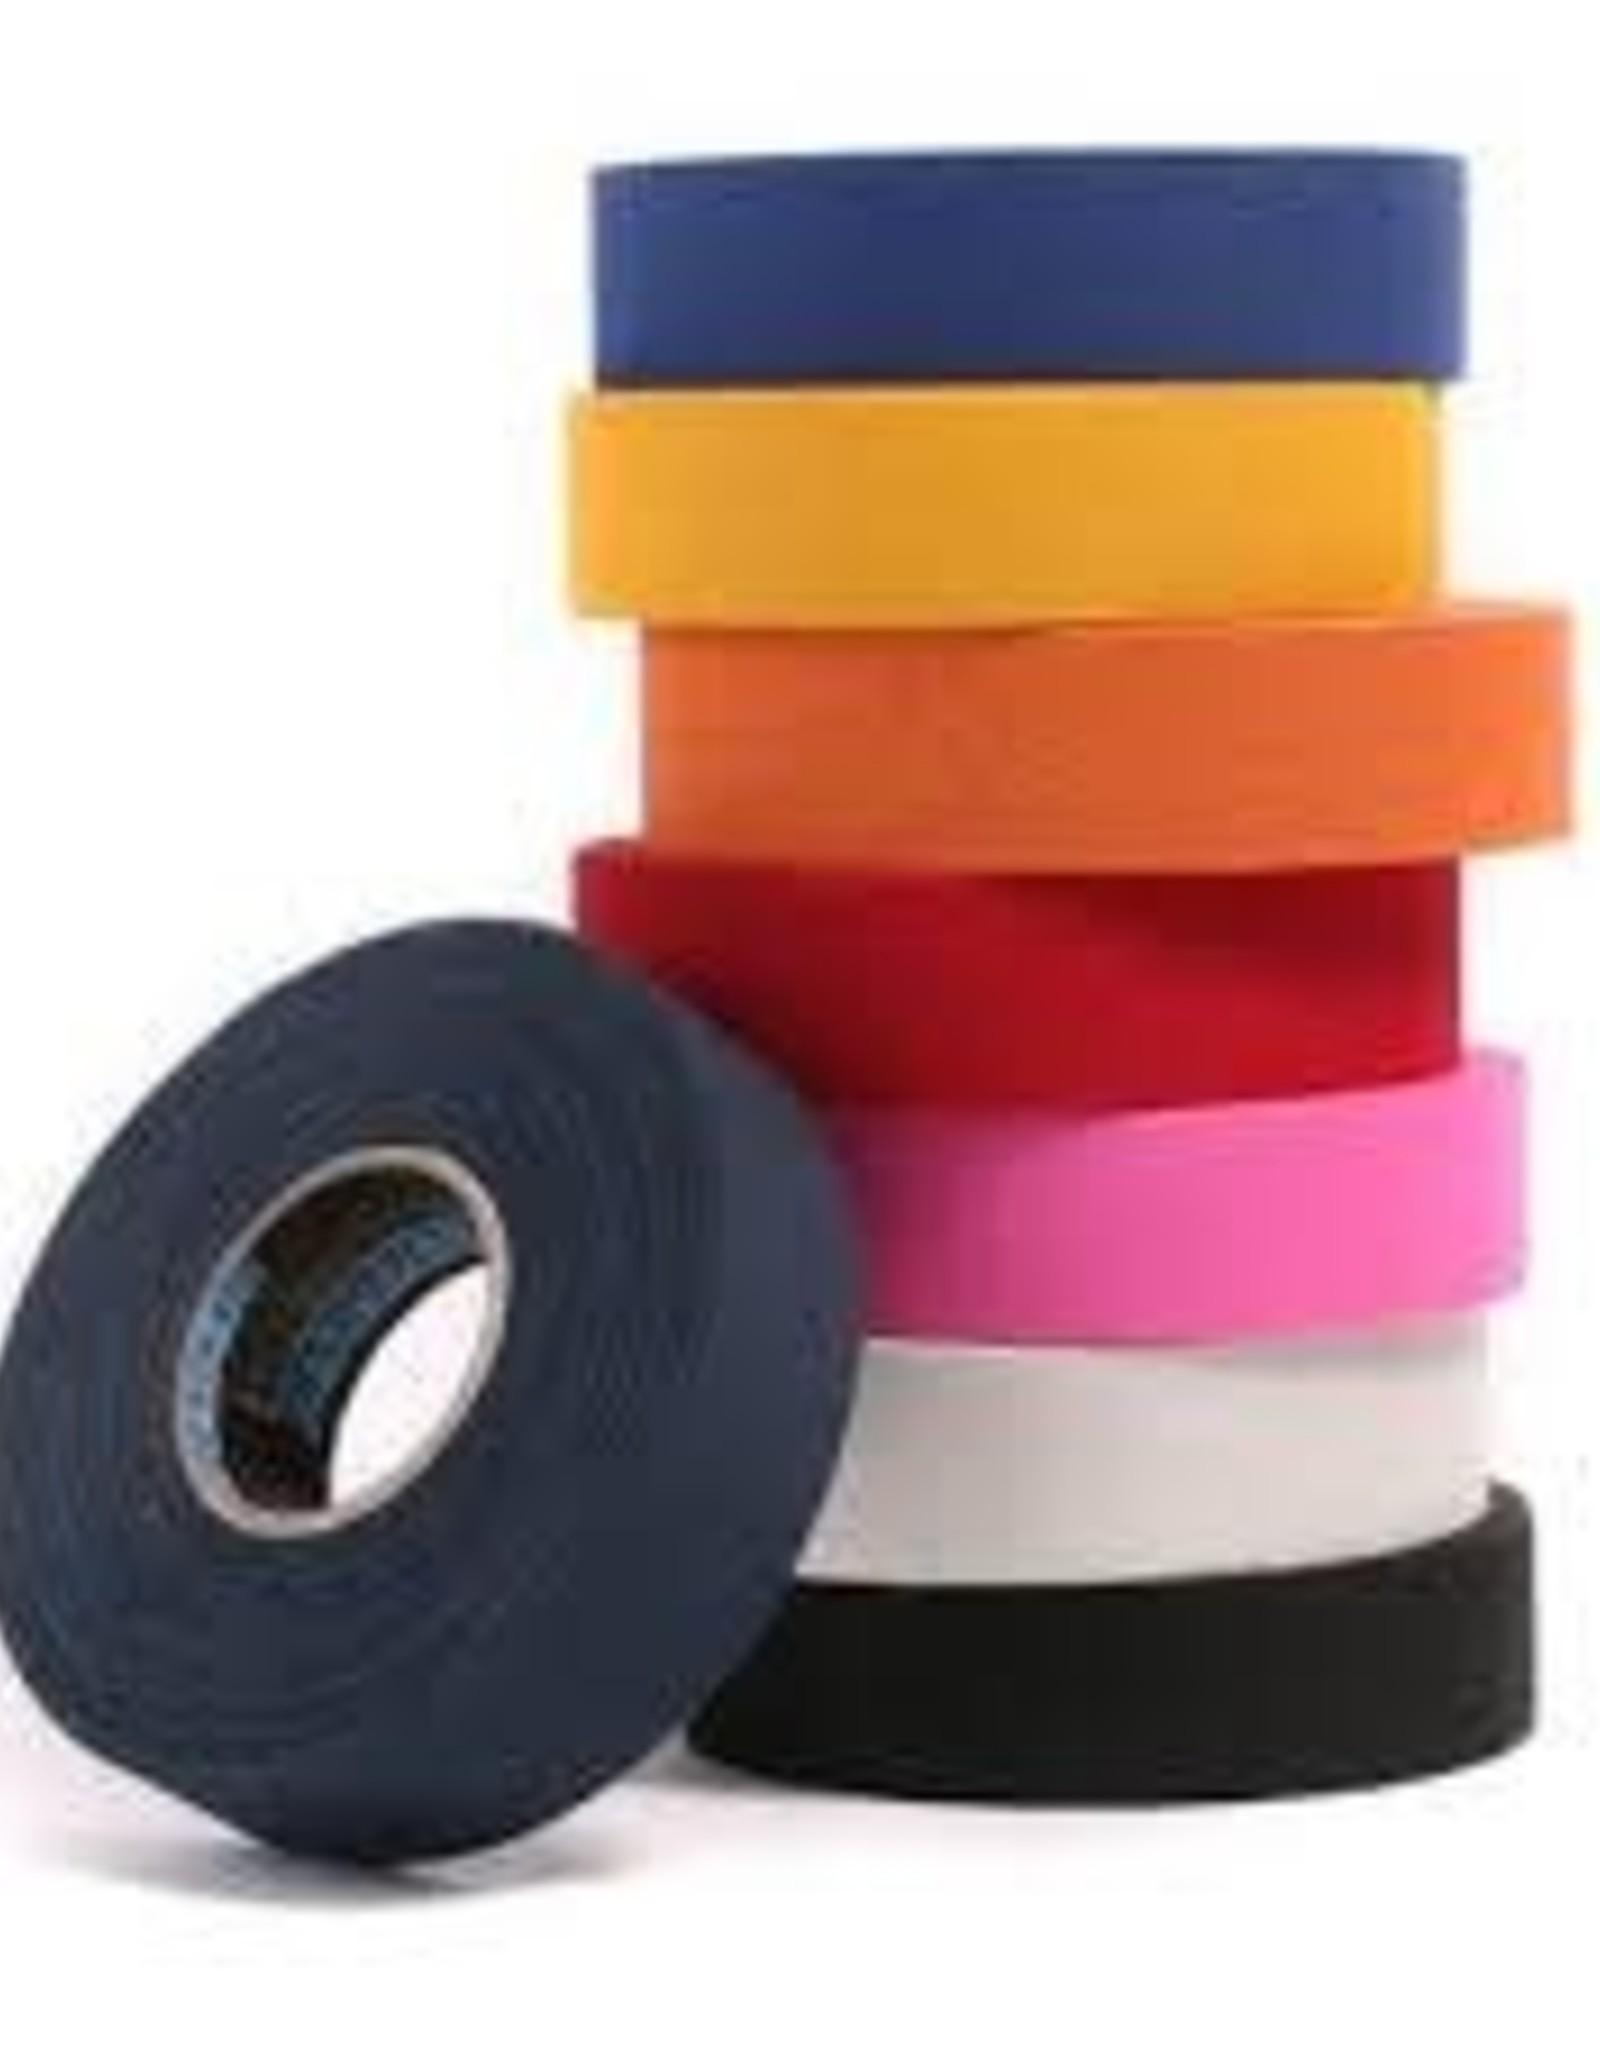 Renfrew Renfrew Hockey Tape Color